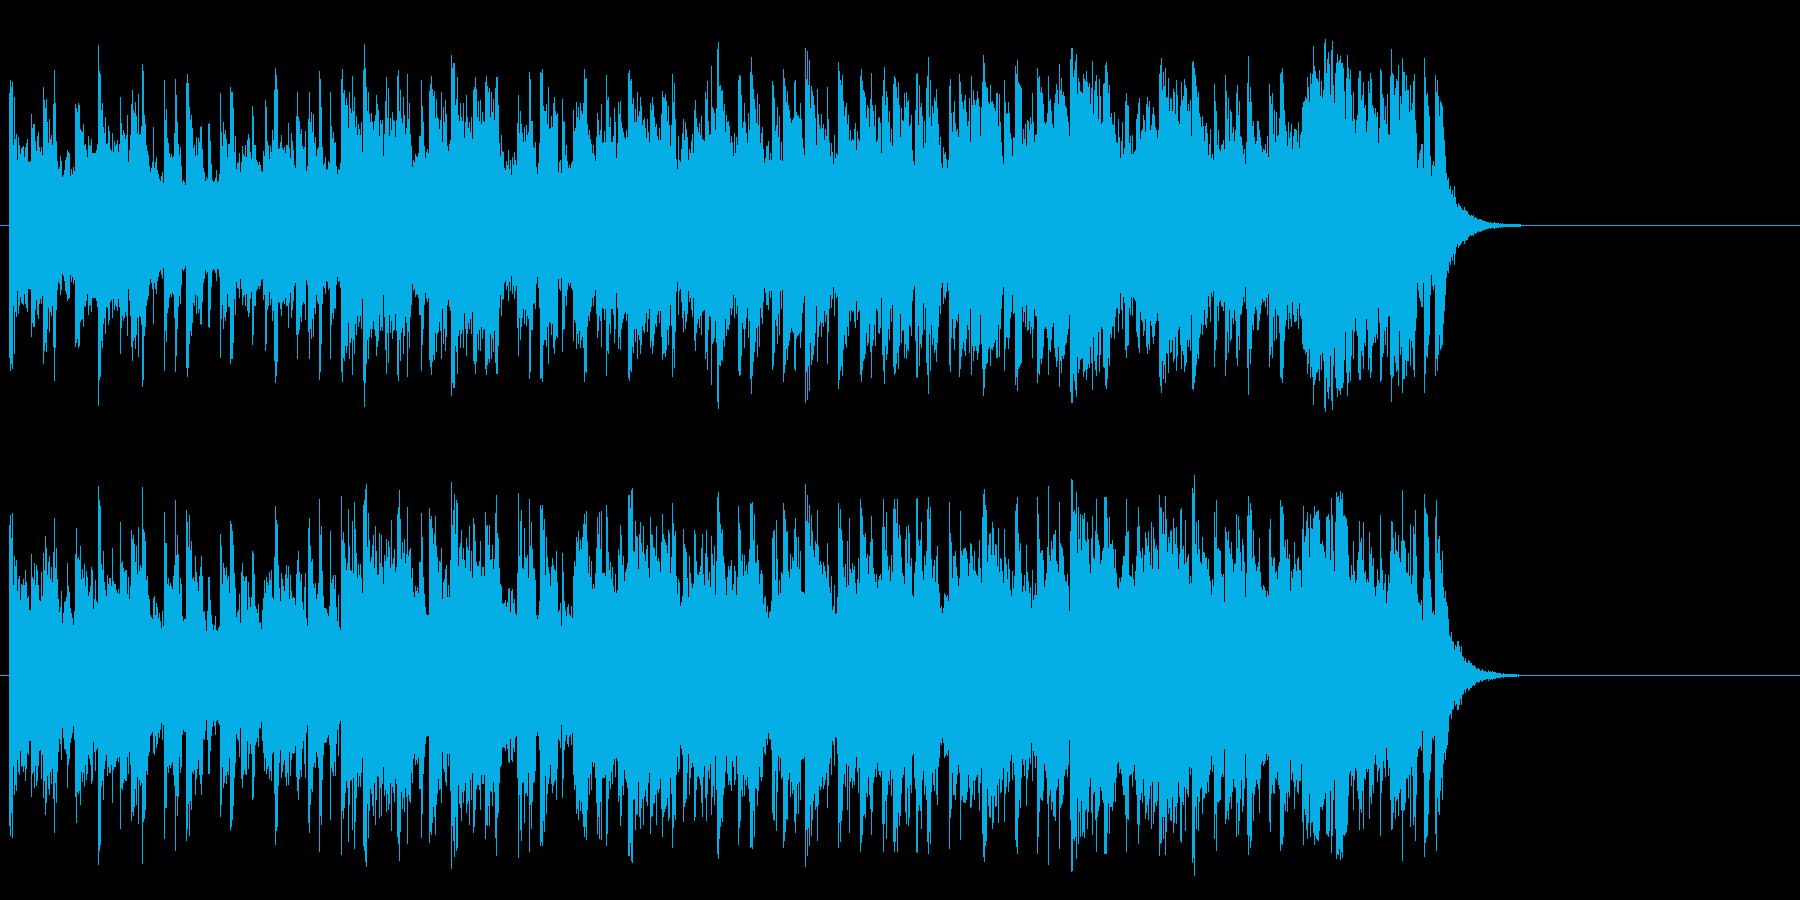 企画PR向け爽やかポップ(サビ~エンド)の再生済みの波形